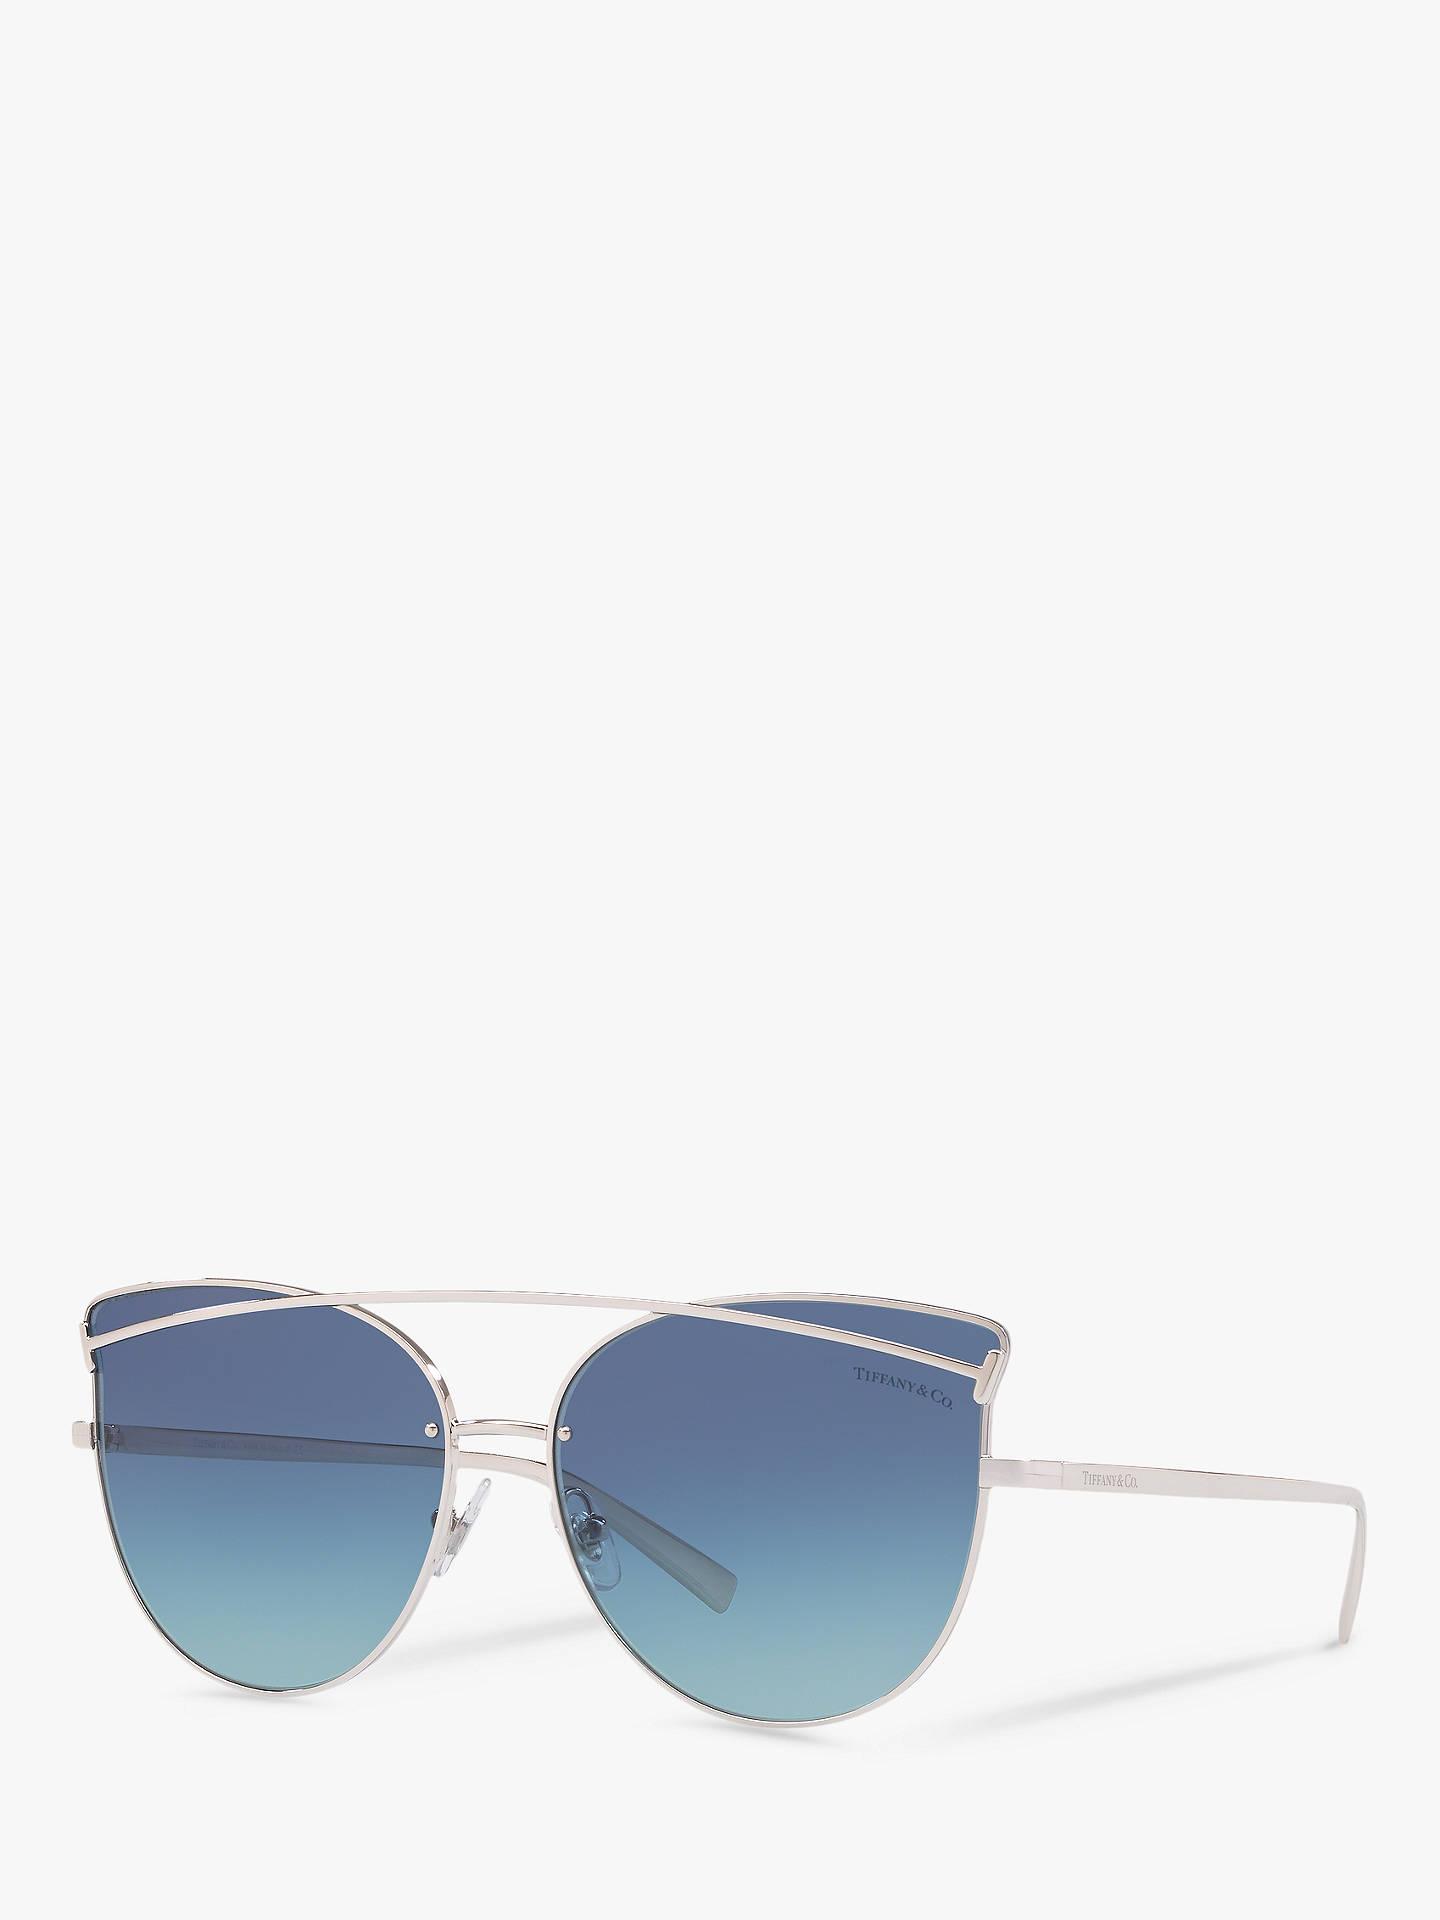 896ac0b15de6 Buy Tiffany   Co TF3064 Women s Cat s Eye Sunglasses